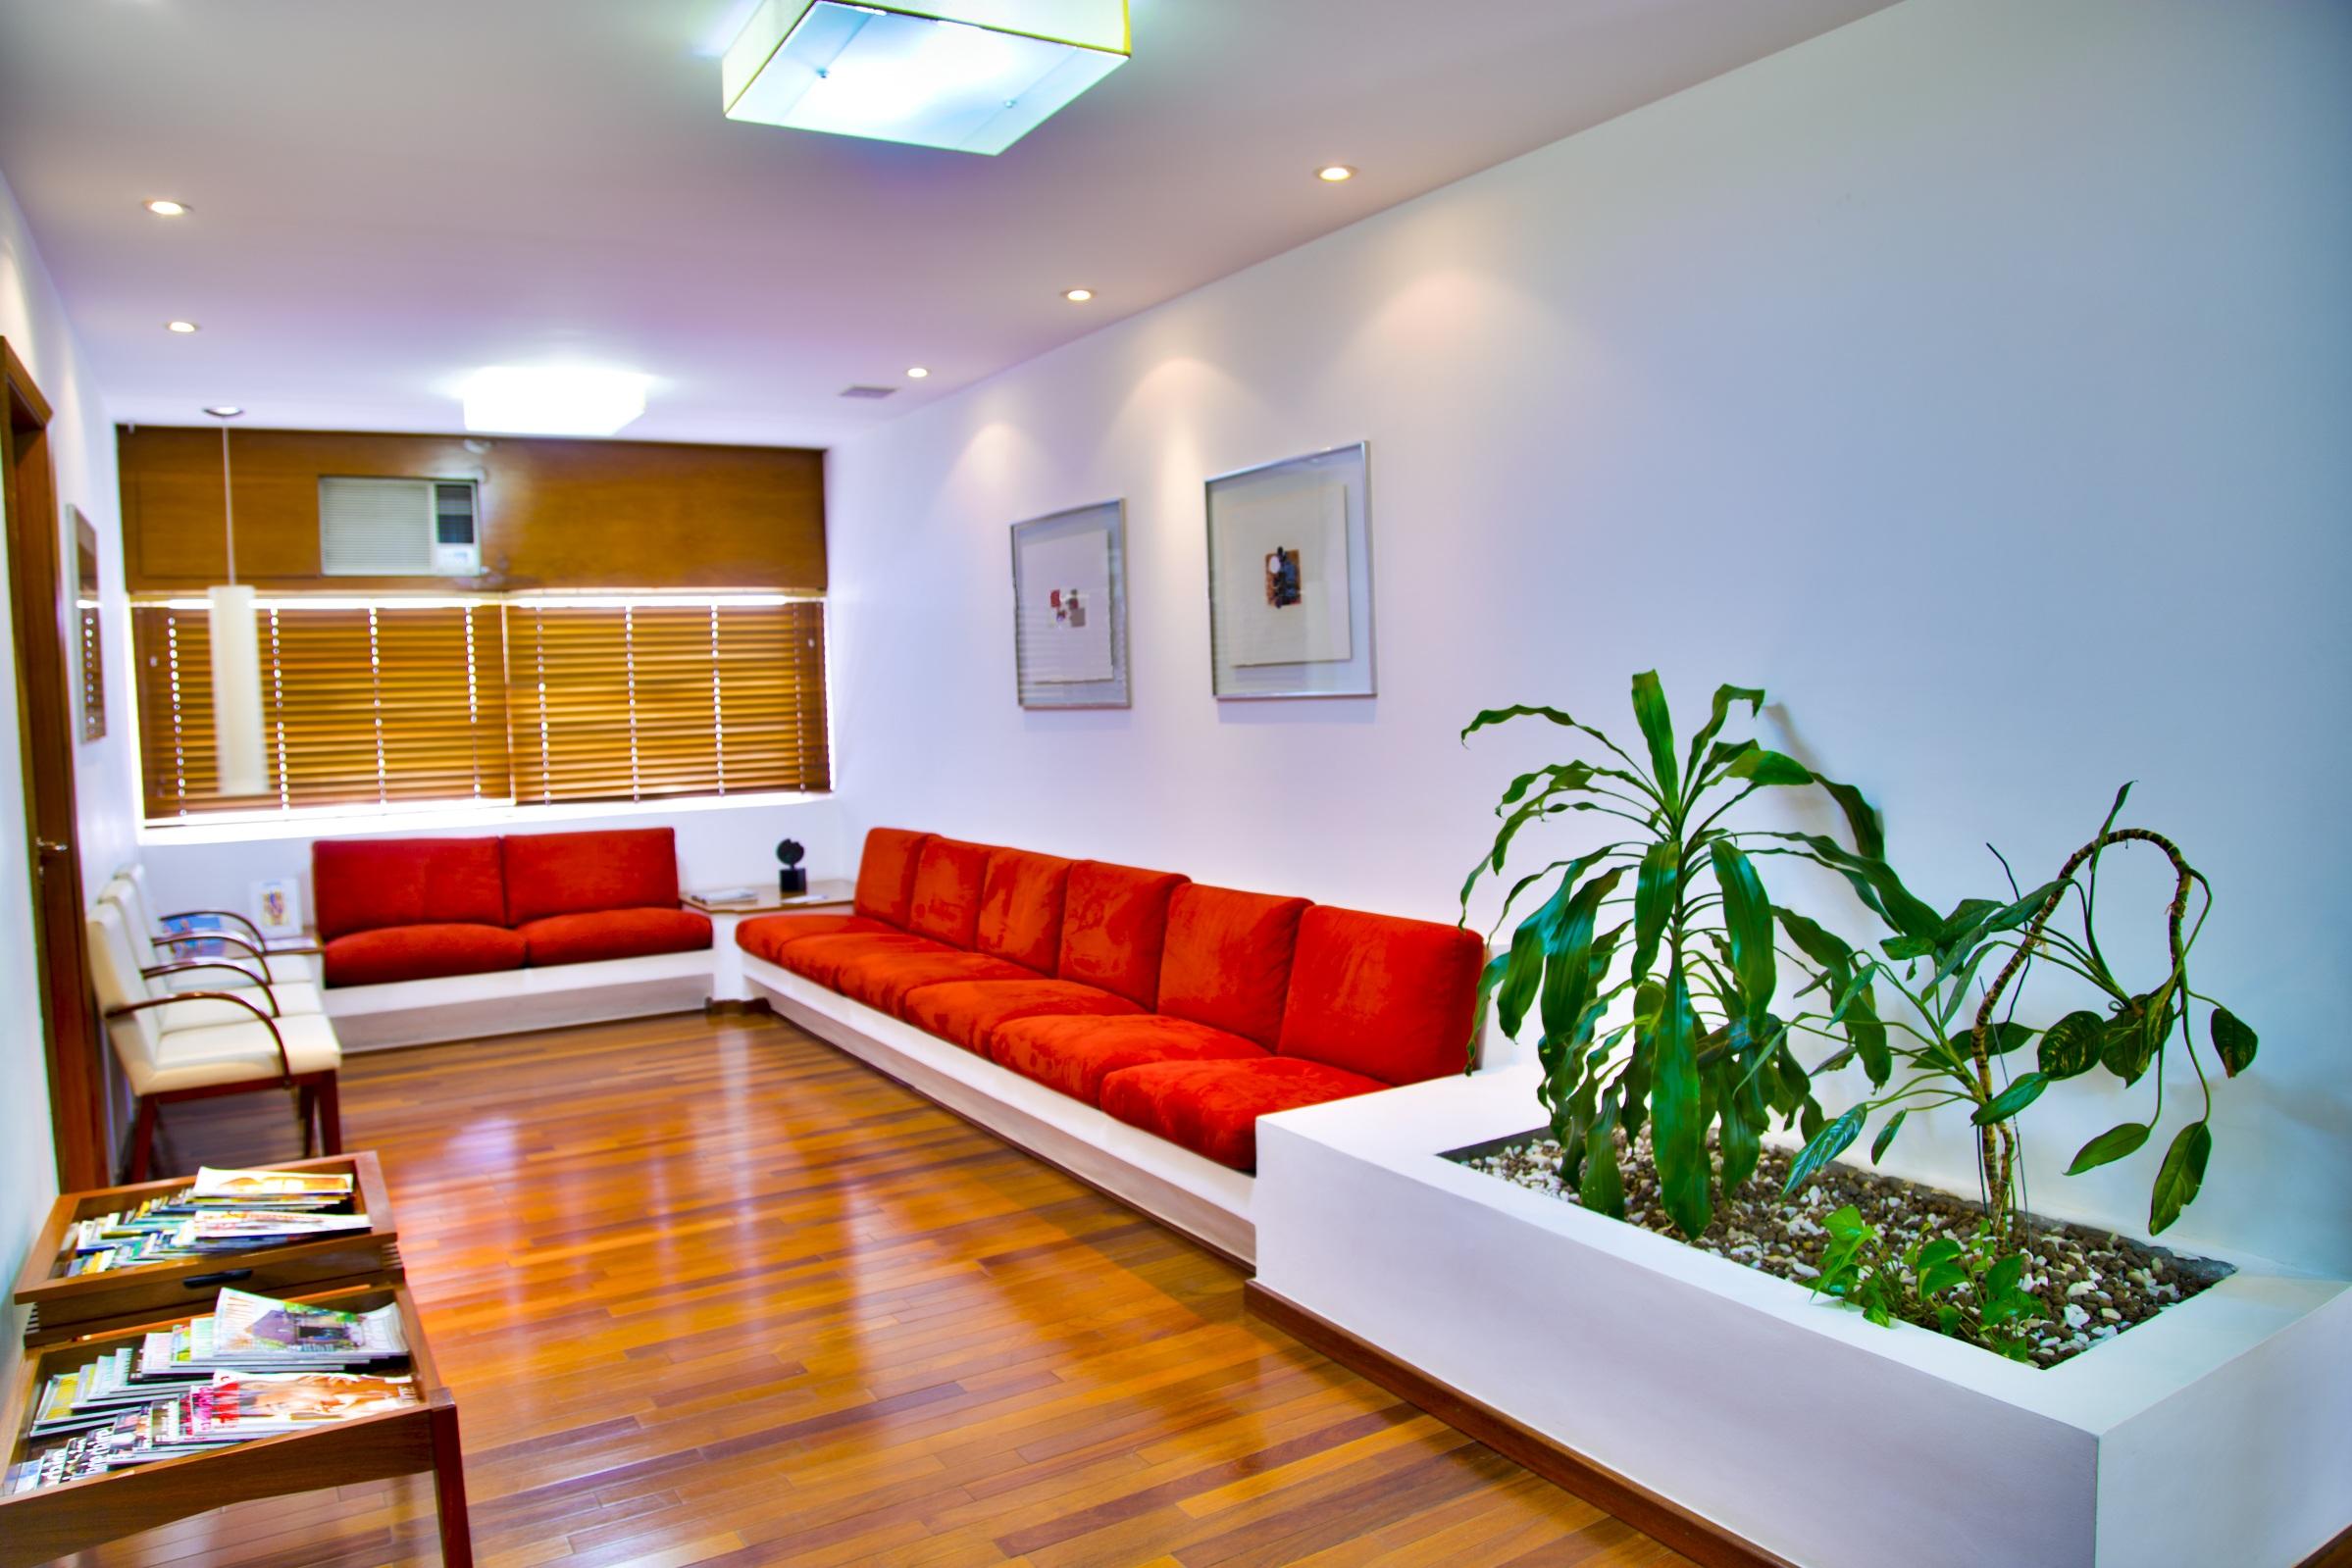 Gambar Rumah Milik Ruang Keluarga Kamar Apartemen Bagasi